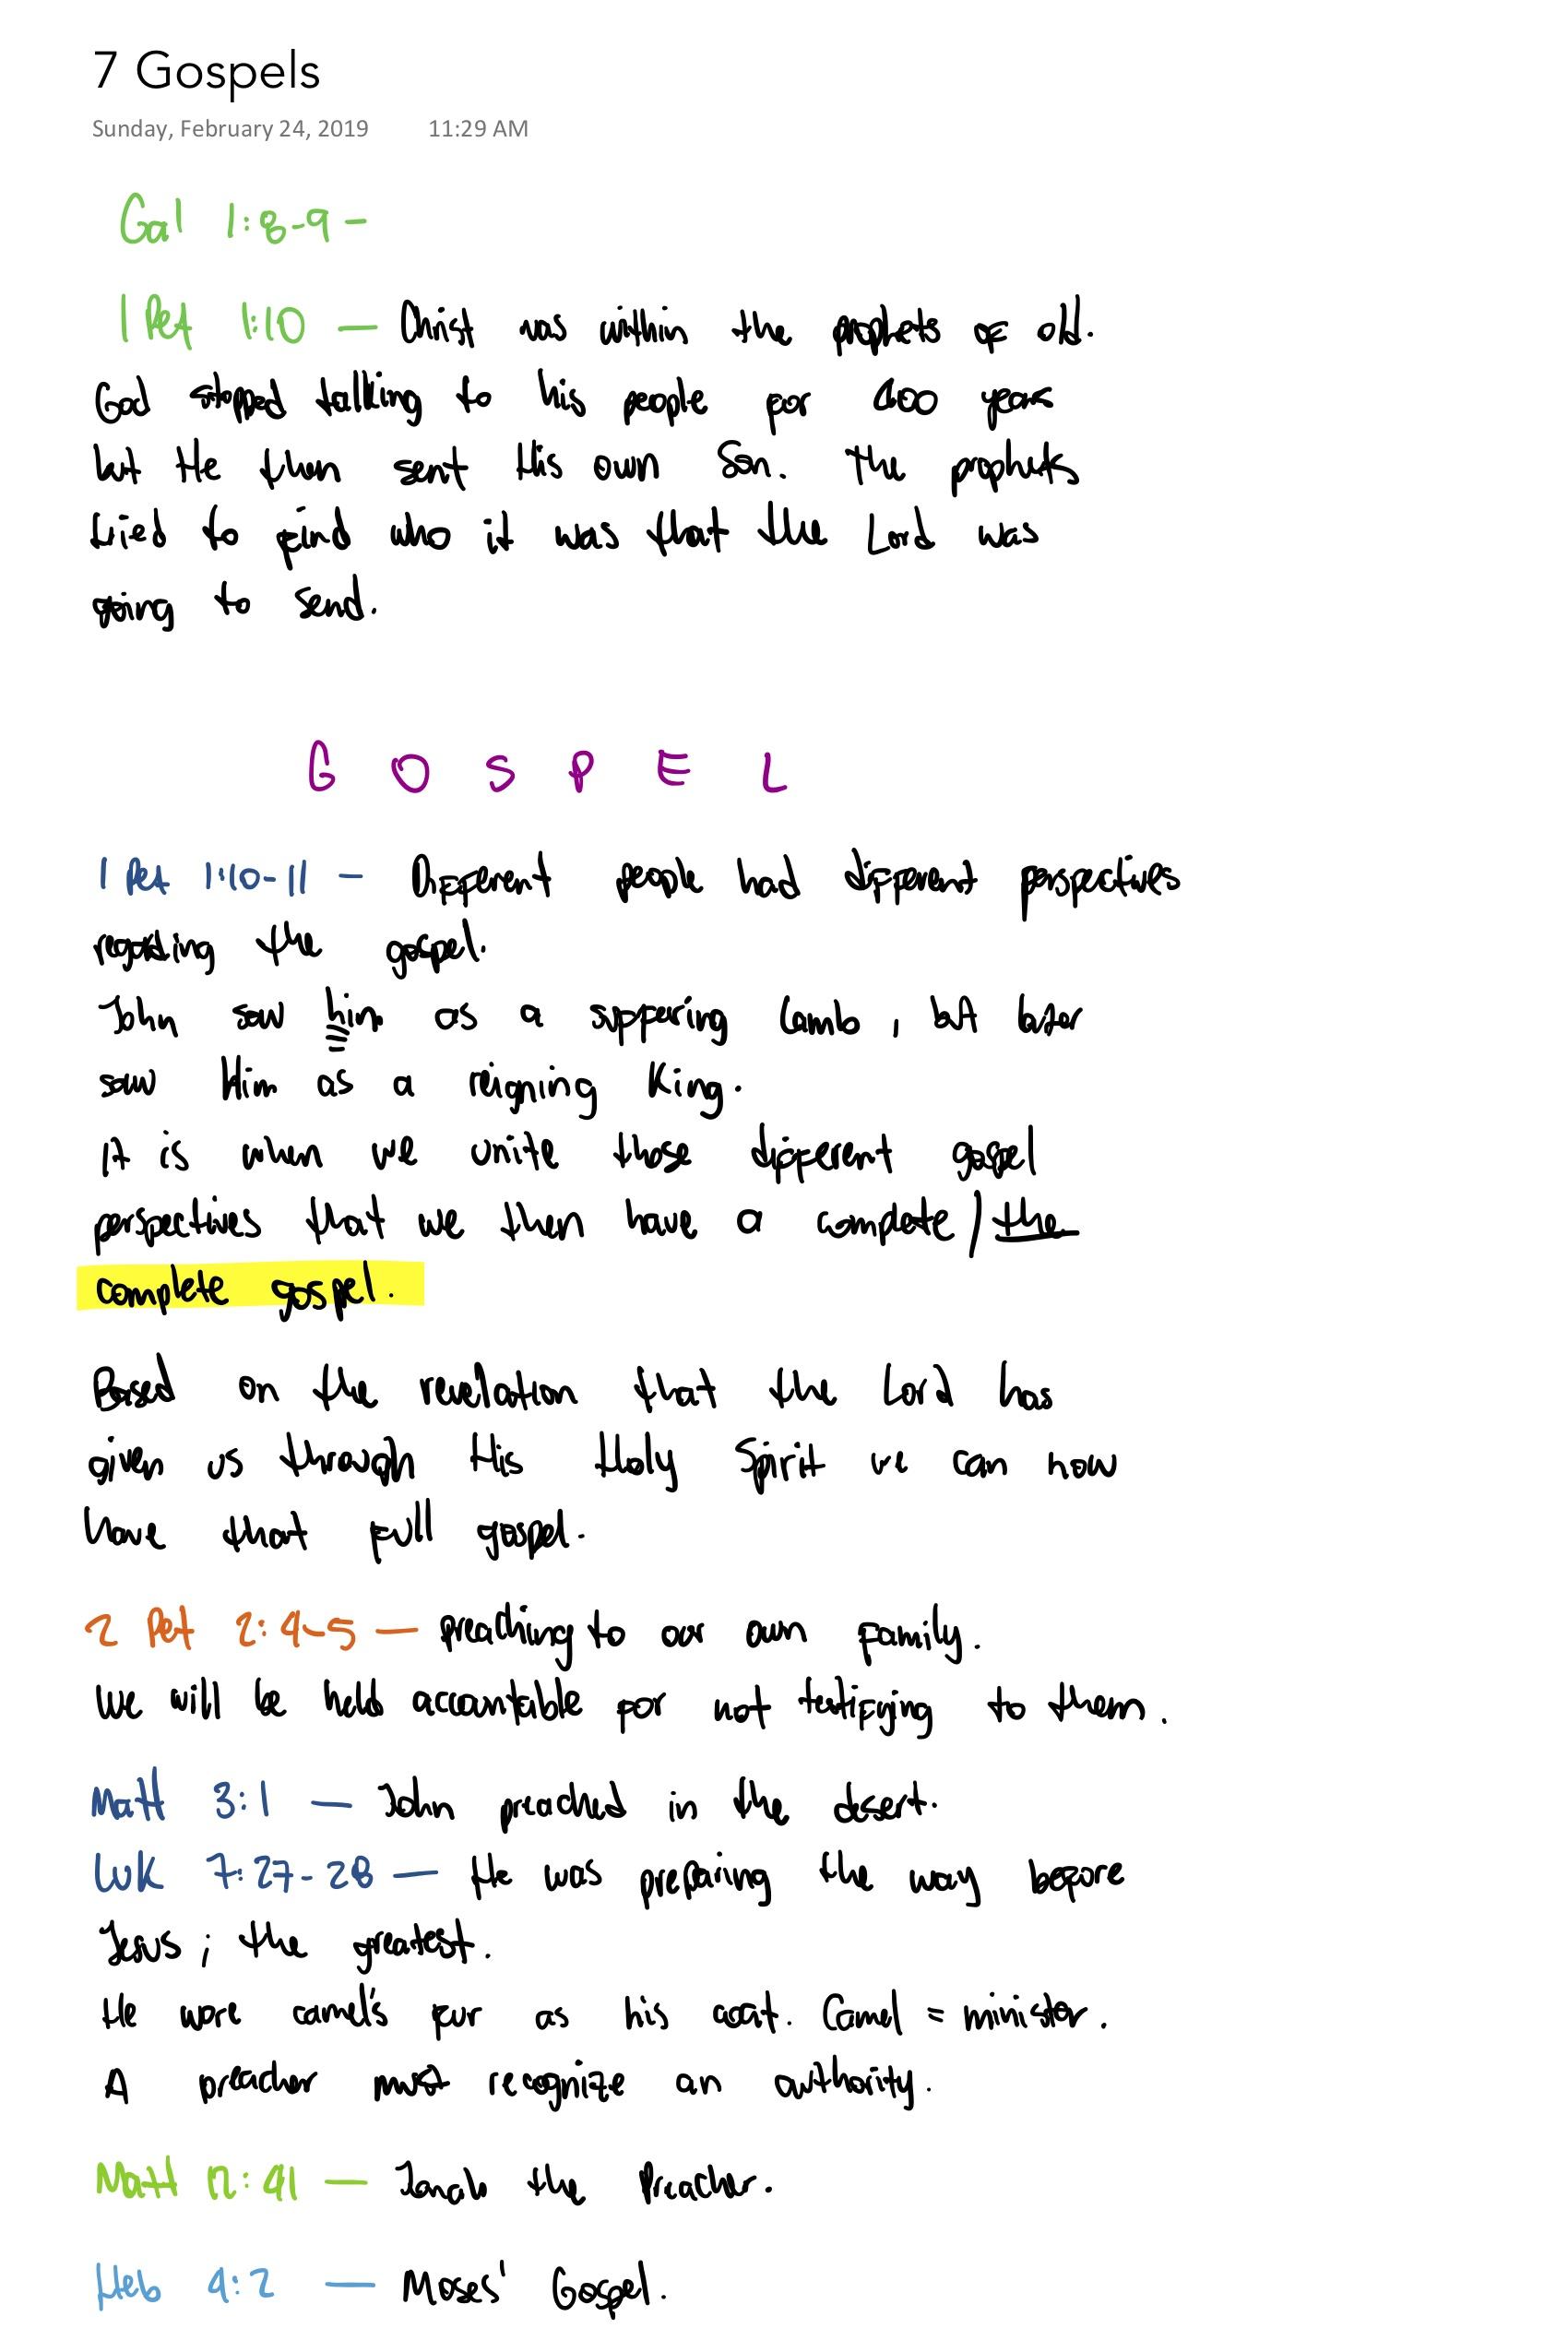 7 Gospels.jpg